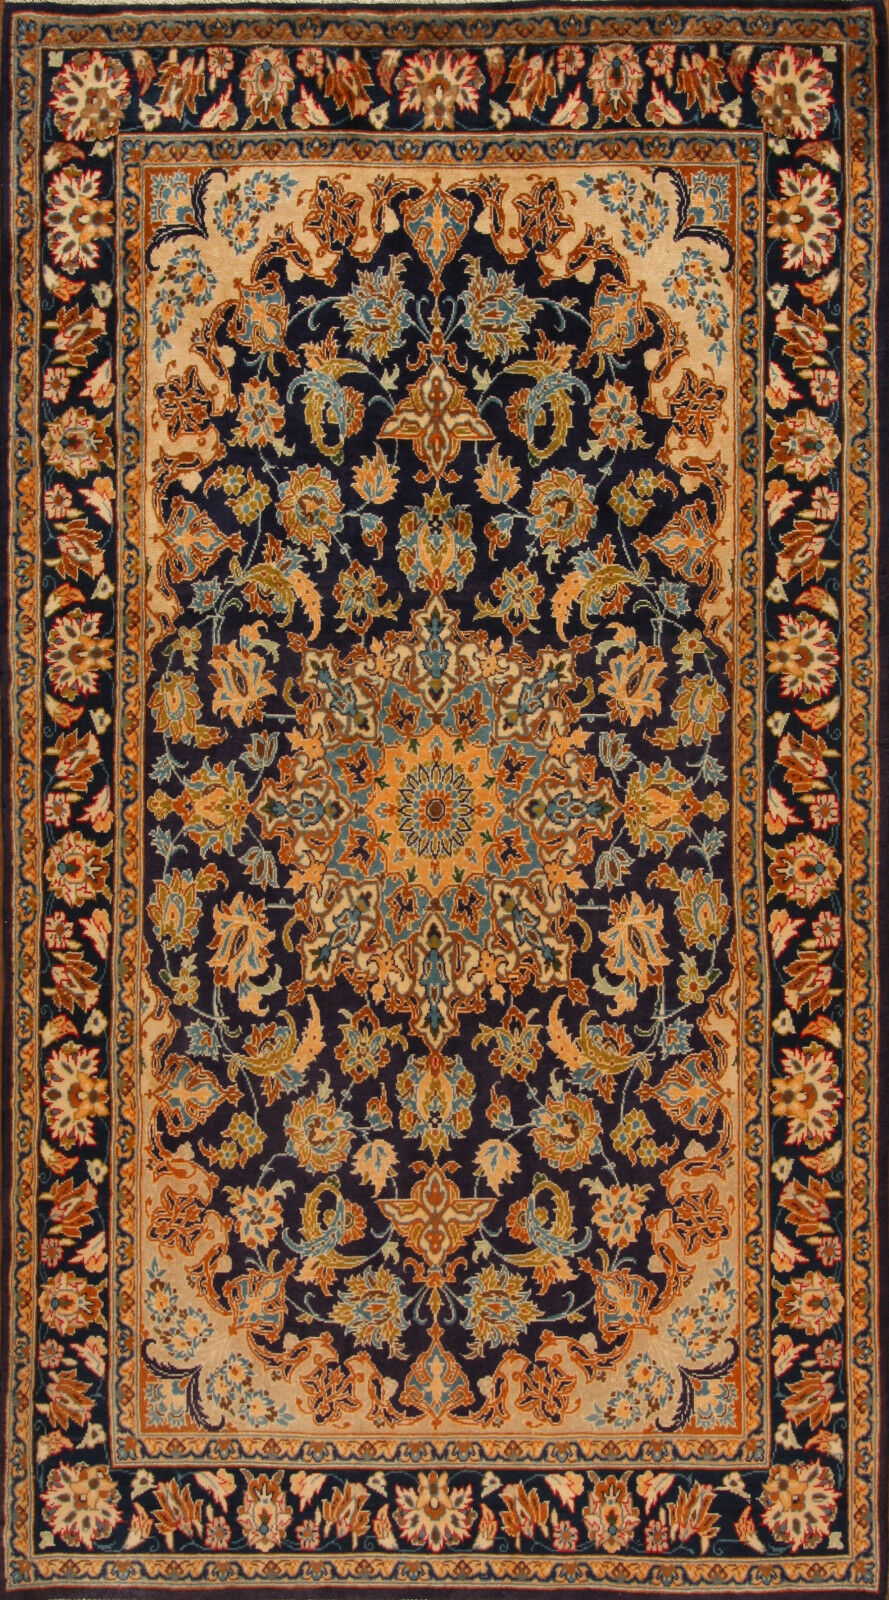 Alfombras orientales Auténticas hechas a mano persas 4400 (265 x 150) cm corta